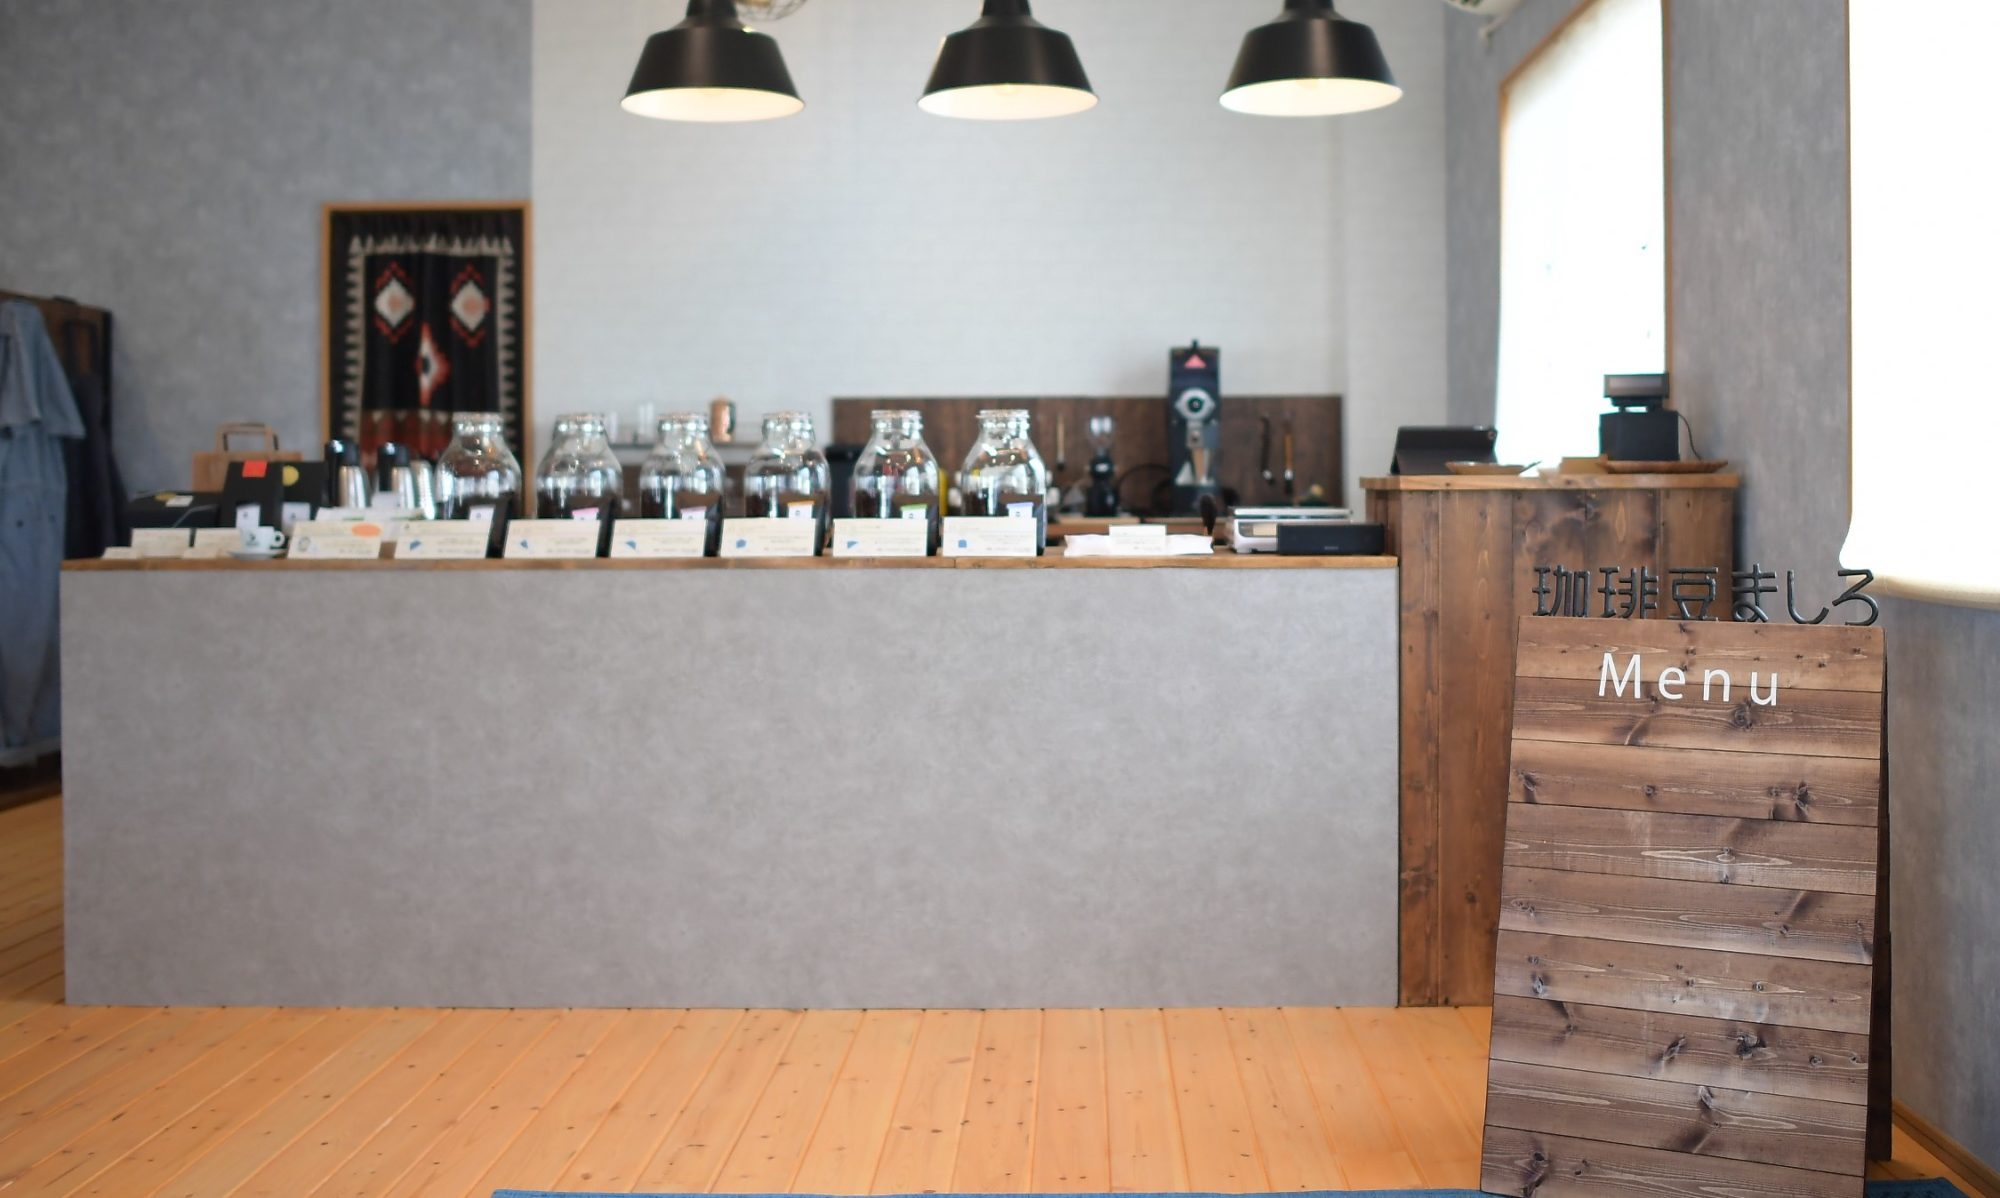 珈琲豆ましろ|広島県尾道市/向島/スペシャルティコーヒー豆の焙煎・販売店|coffee beans mashiro